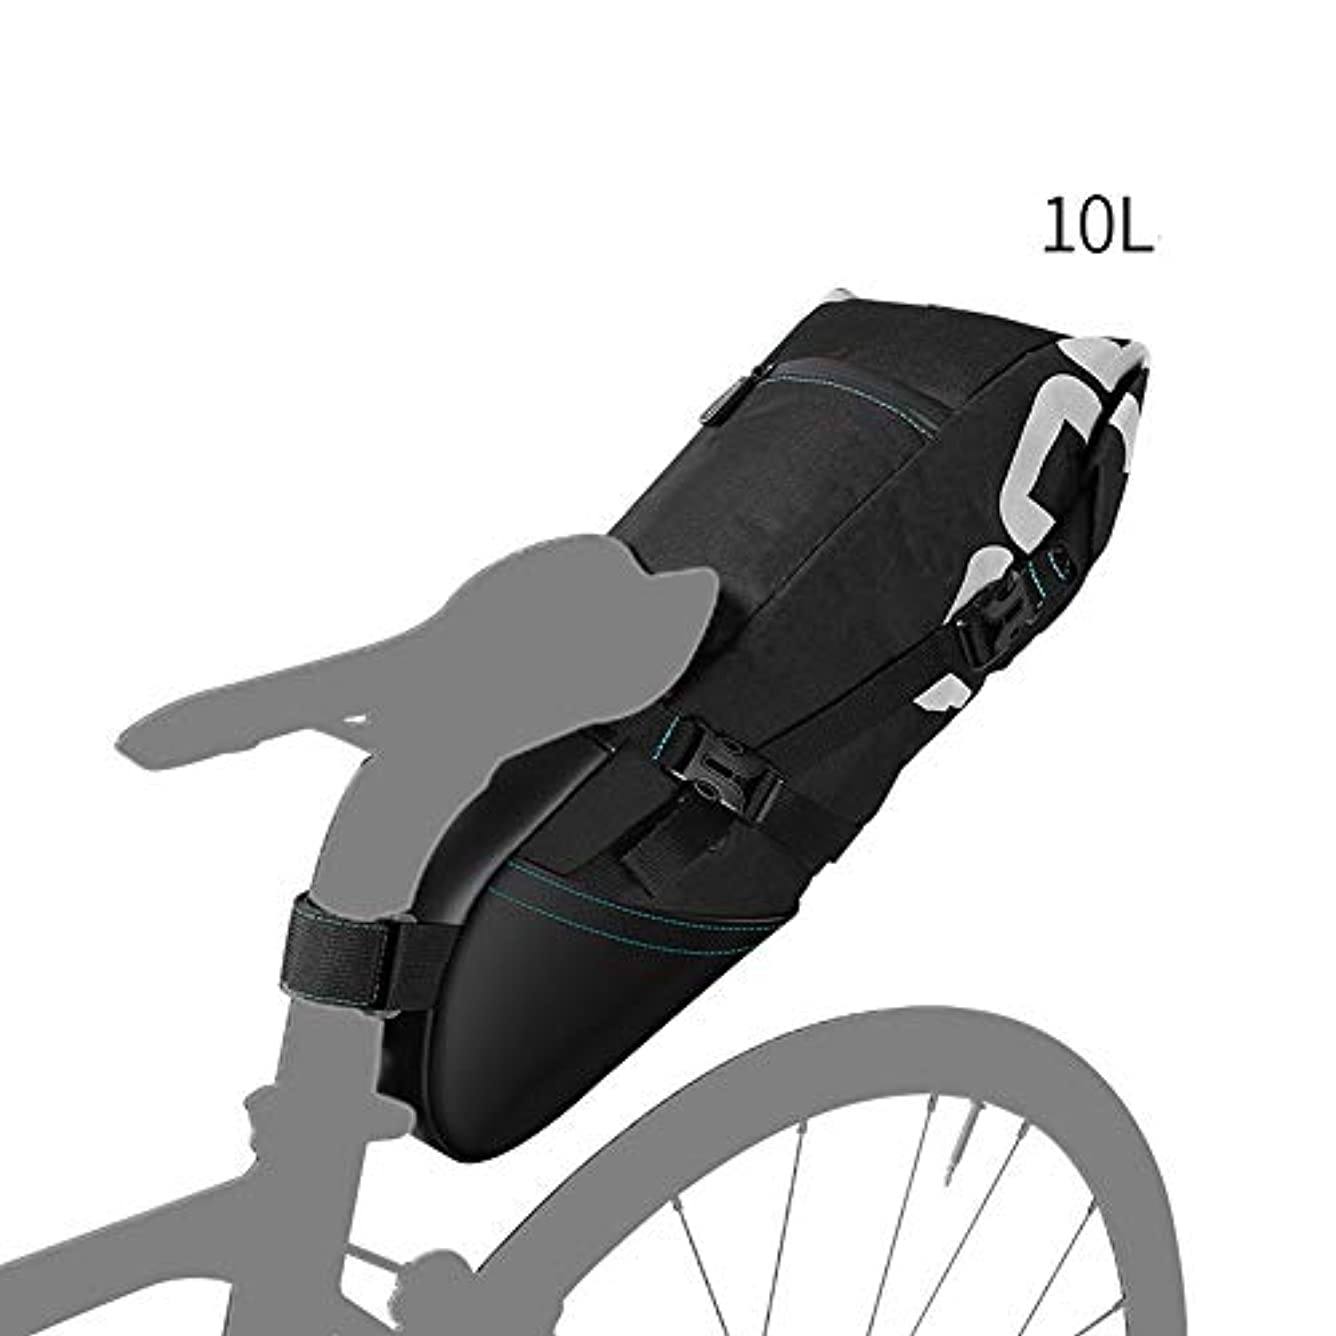 浸漬に対して手綱Bert100 Studio 自転車サドルバッグ10L大容量自転車シートバッグ防水性と耐久性のあるサドルバッグ多機能 うまく設計された